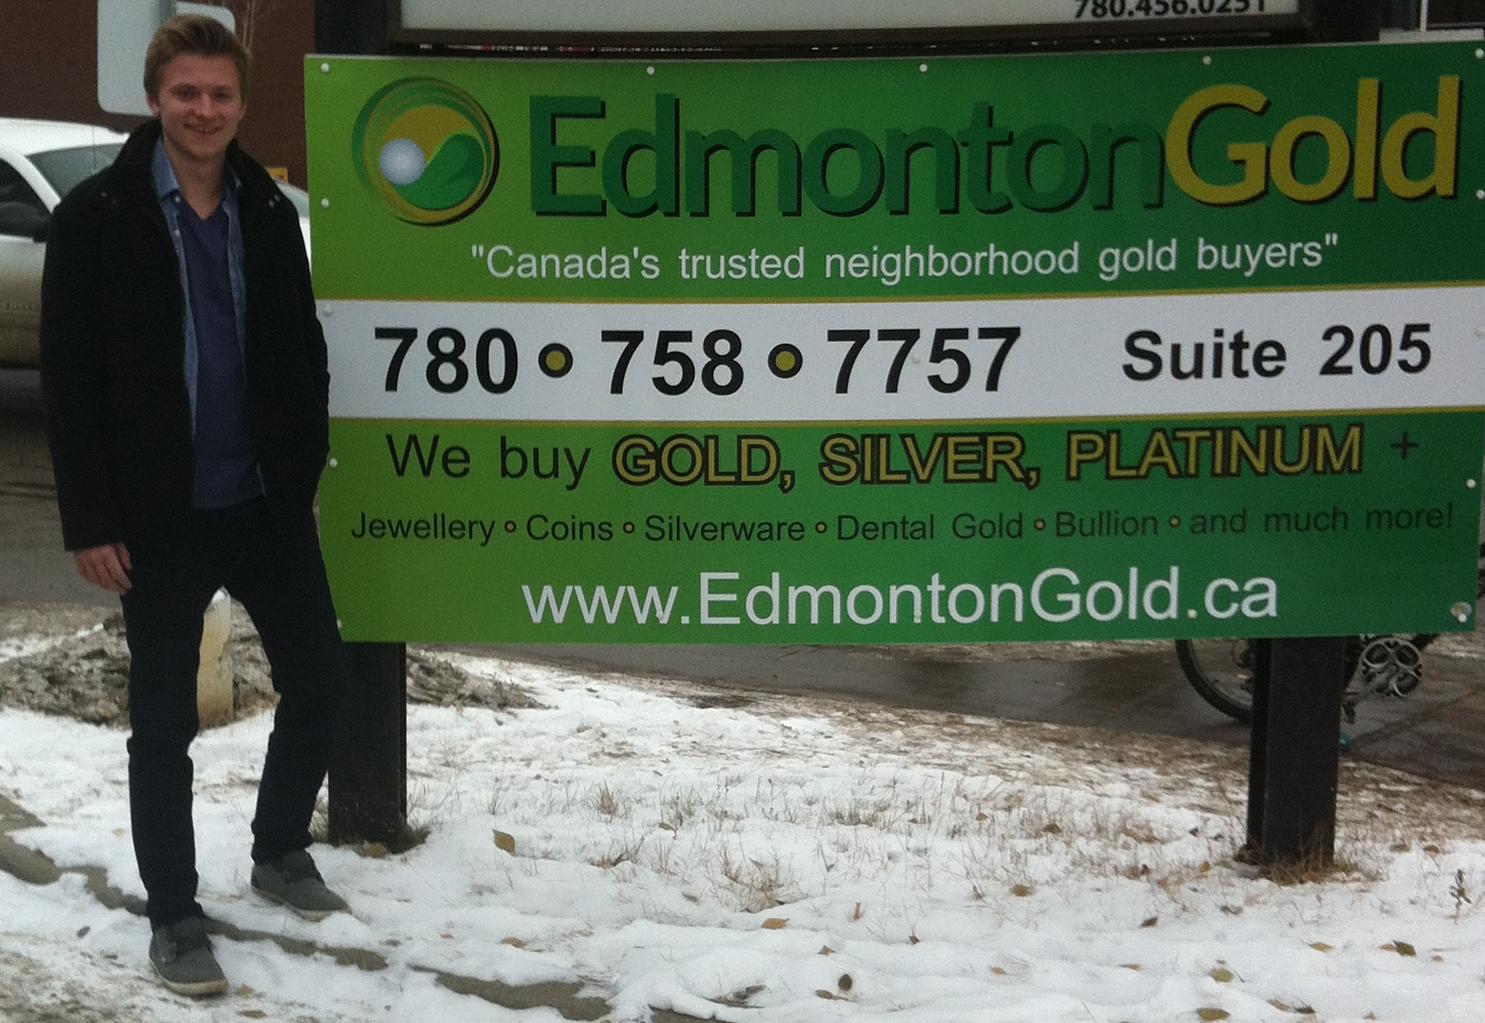 Edmonton Gold manager Chris Gardner